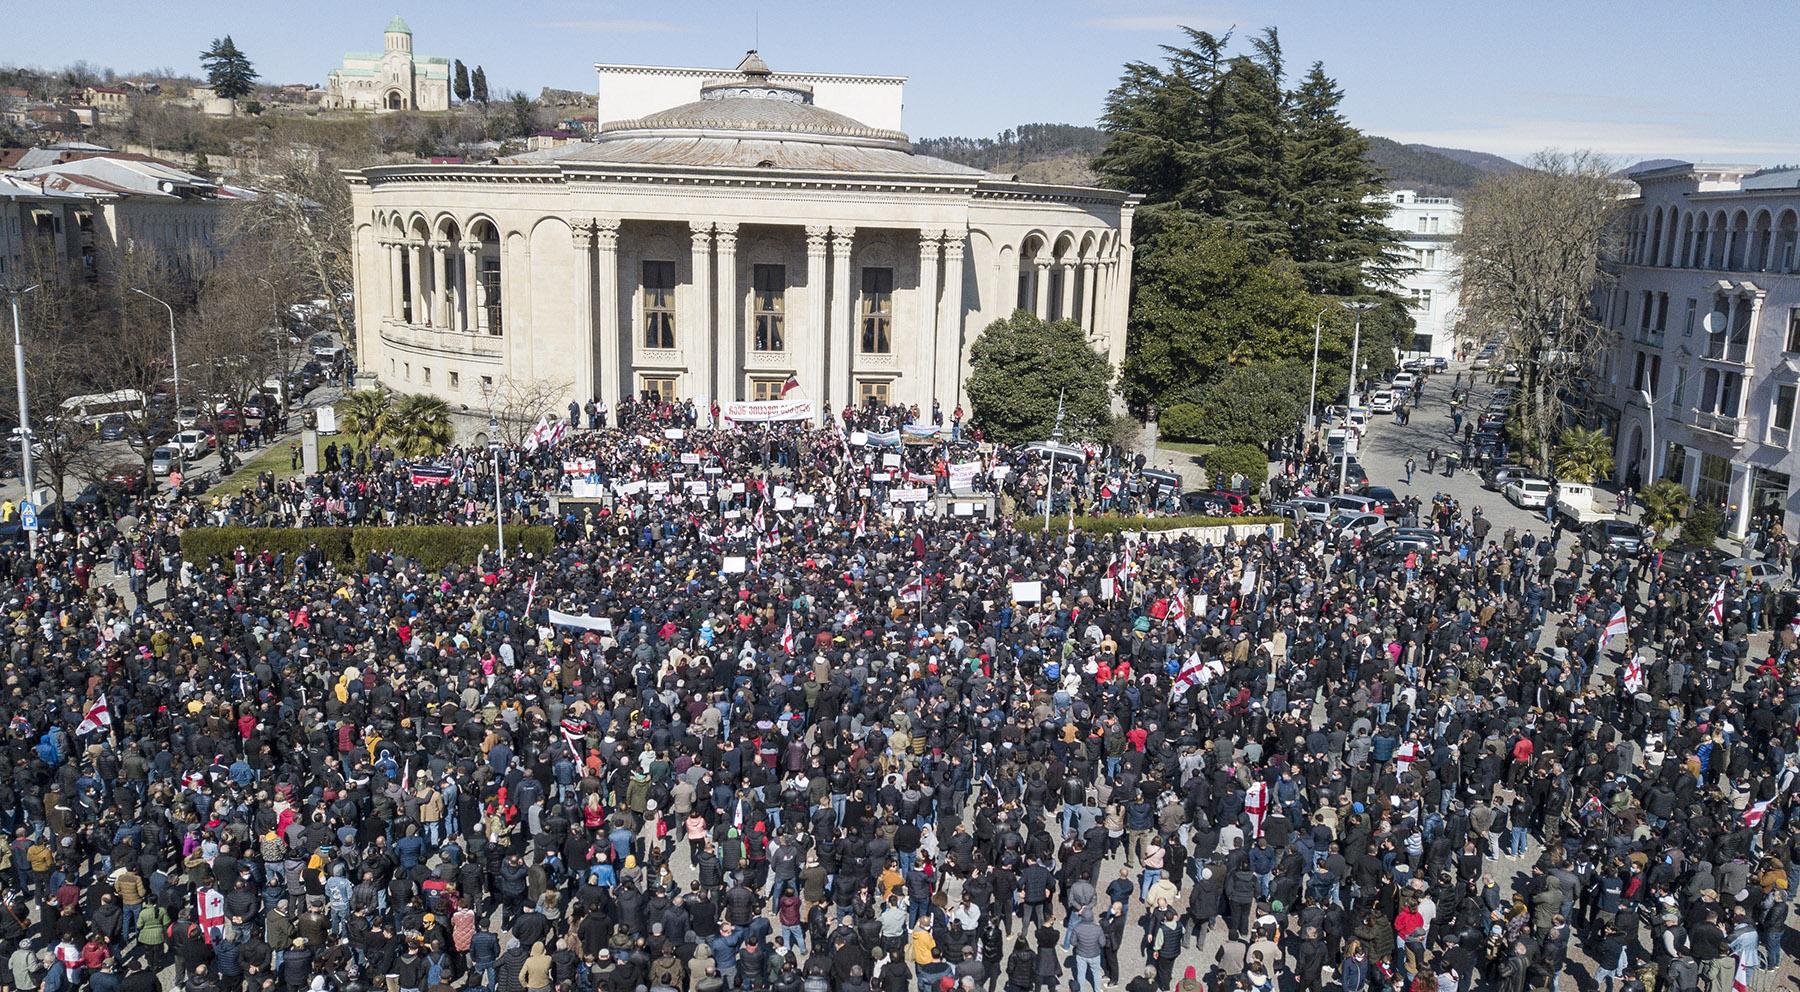 Протестующие собрались на центральной площади Кутаиси. Фото: Мариам Никурадзе/OC Media